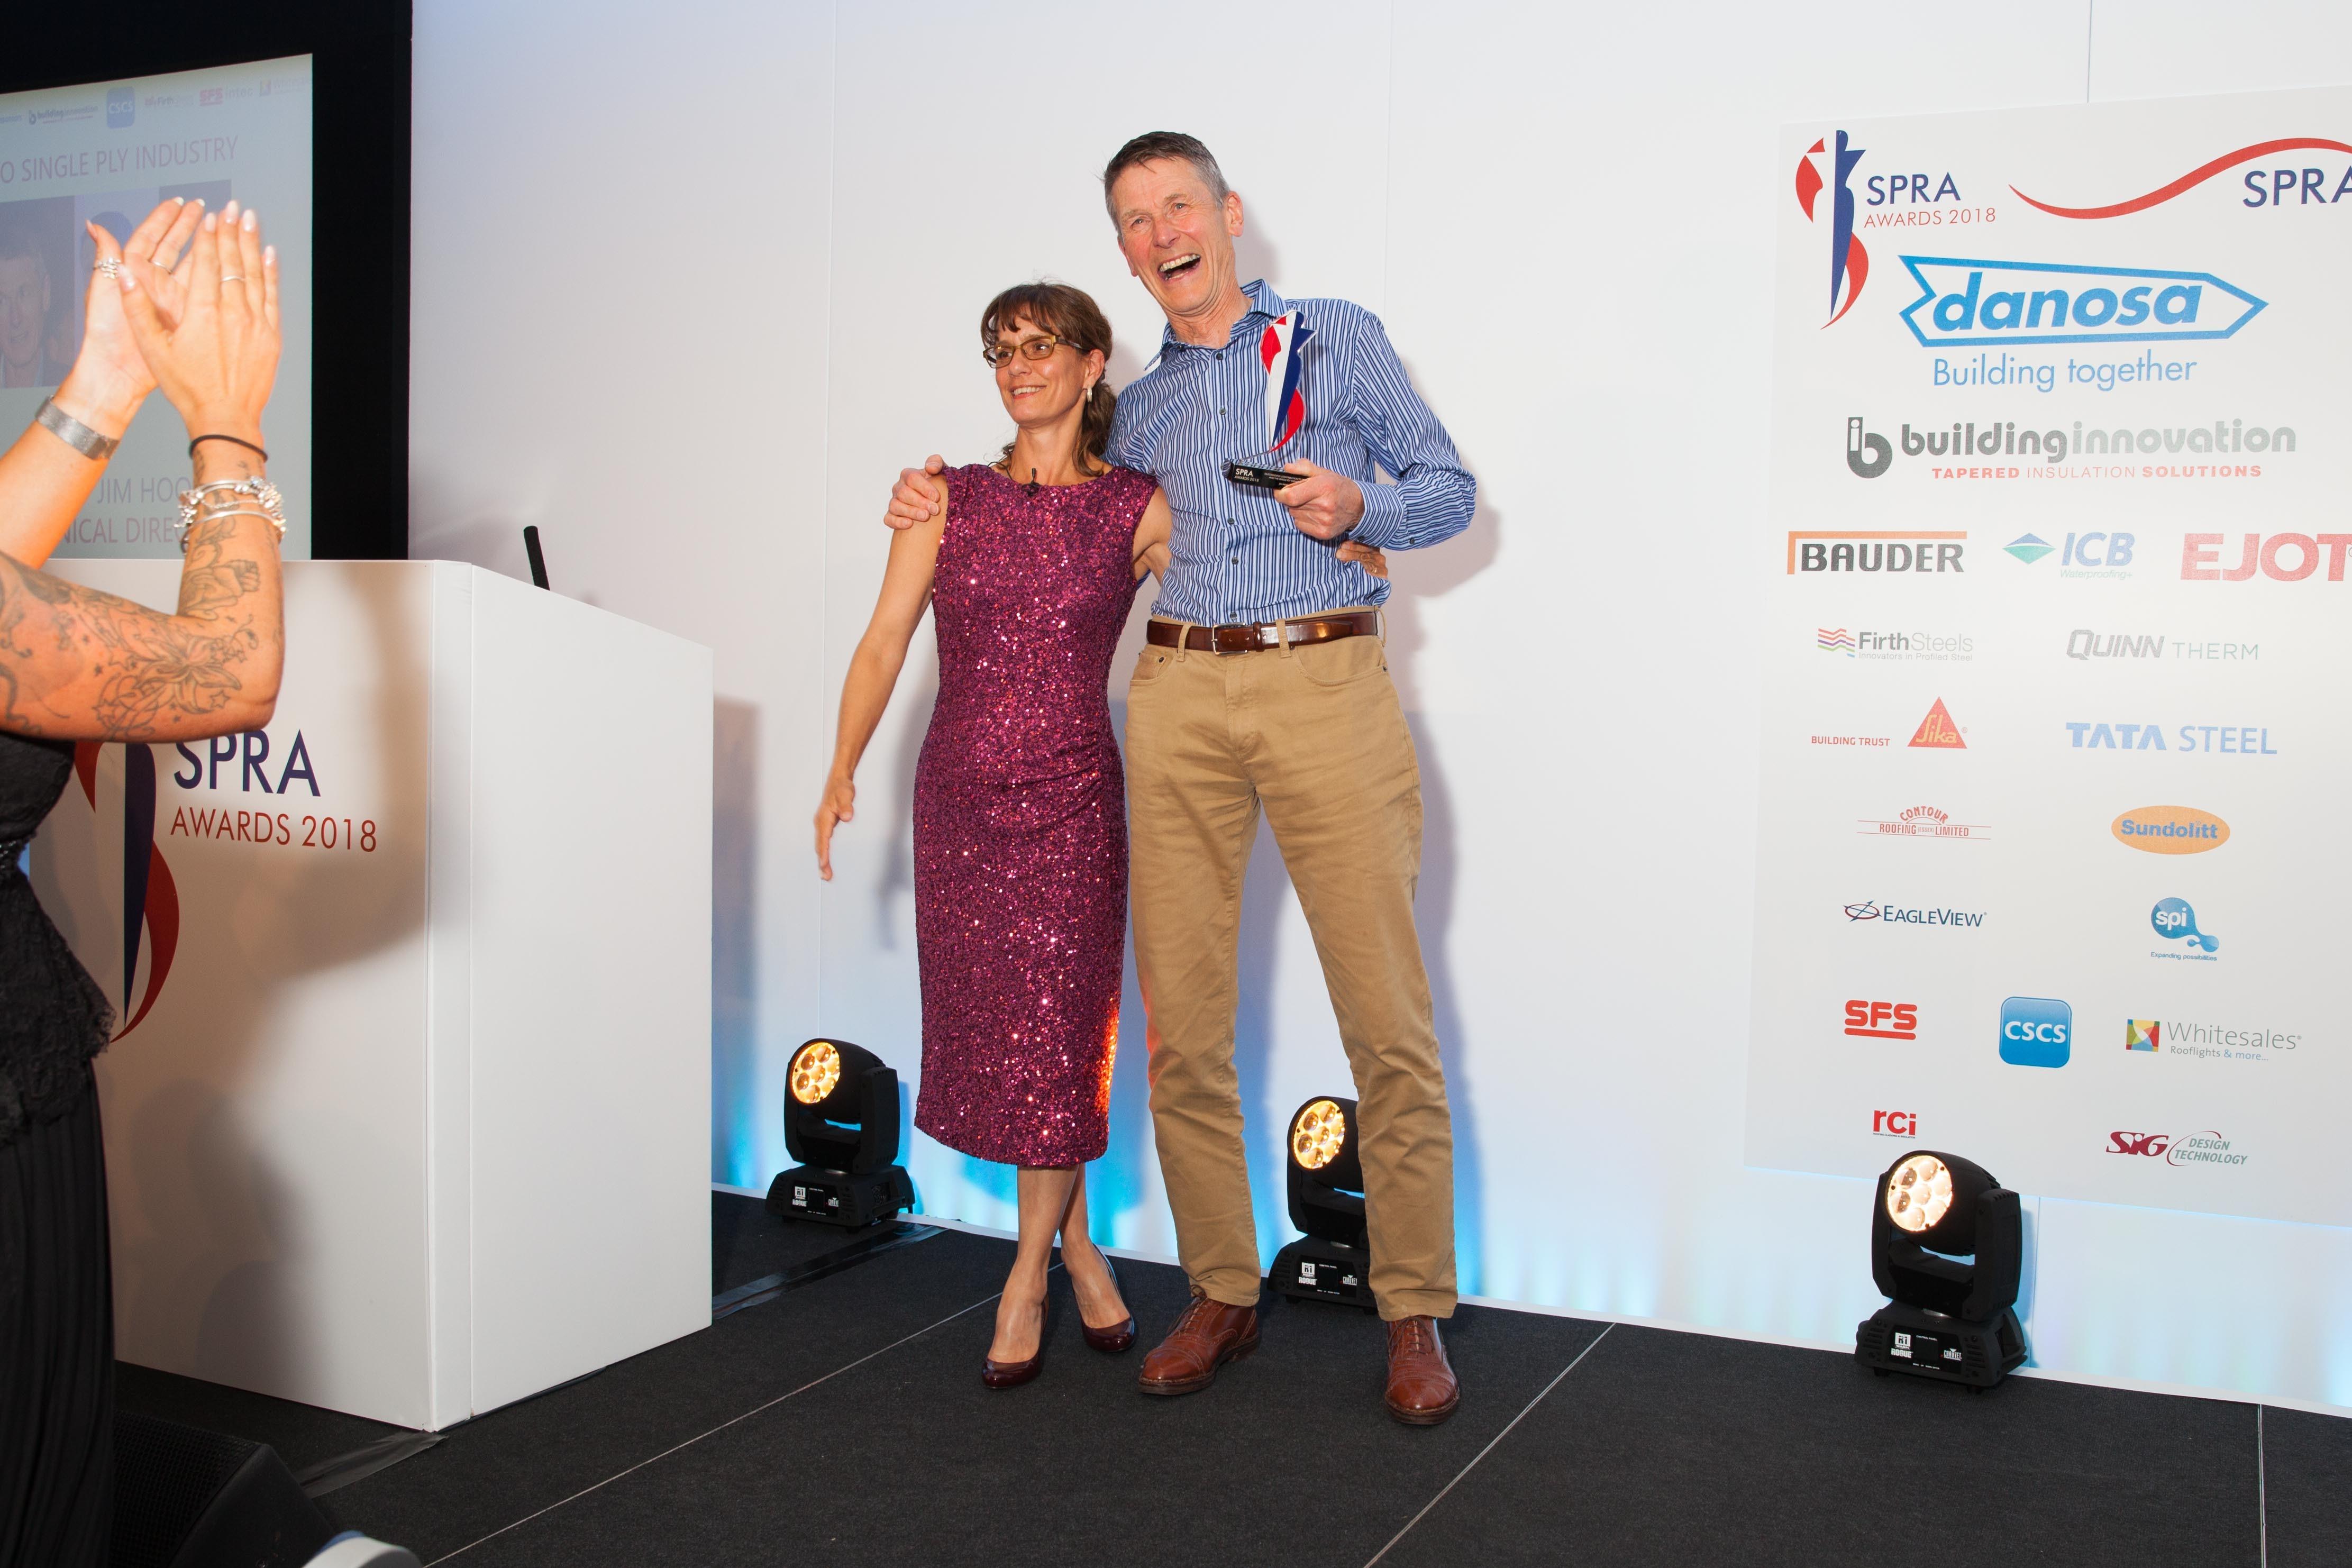 Spra Conference 2018 Photos Spra The Single Ply